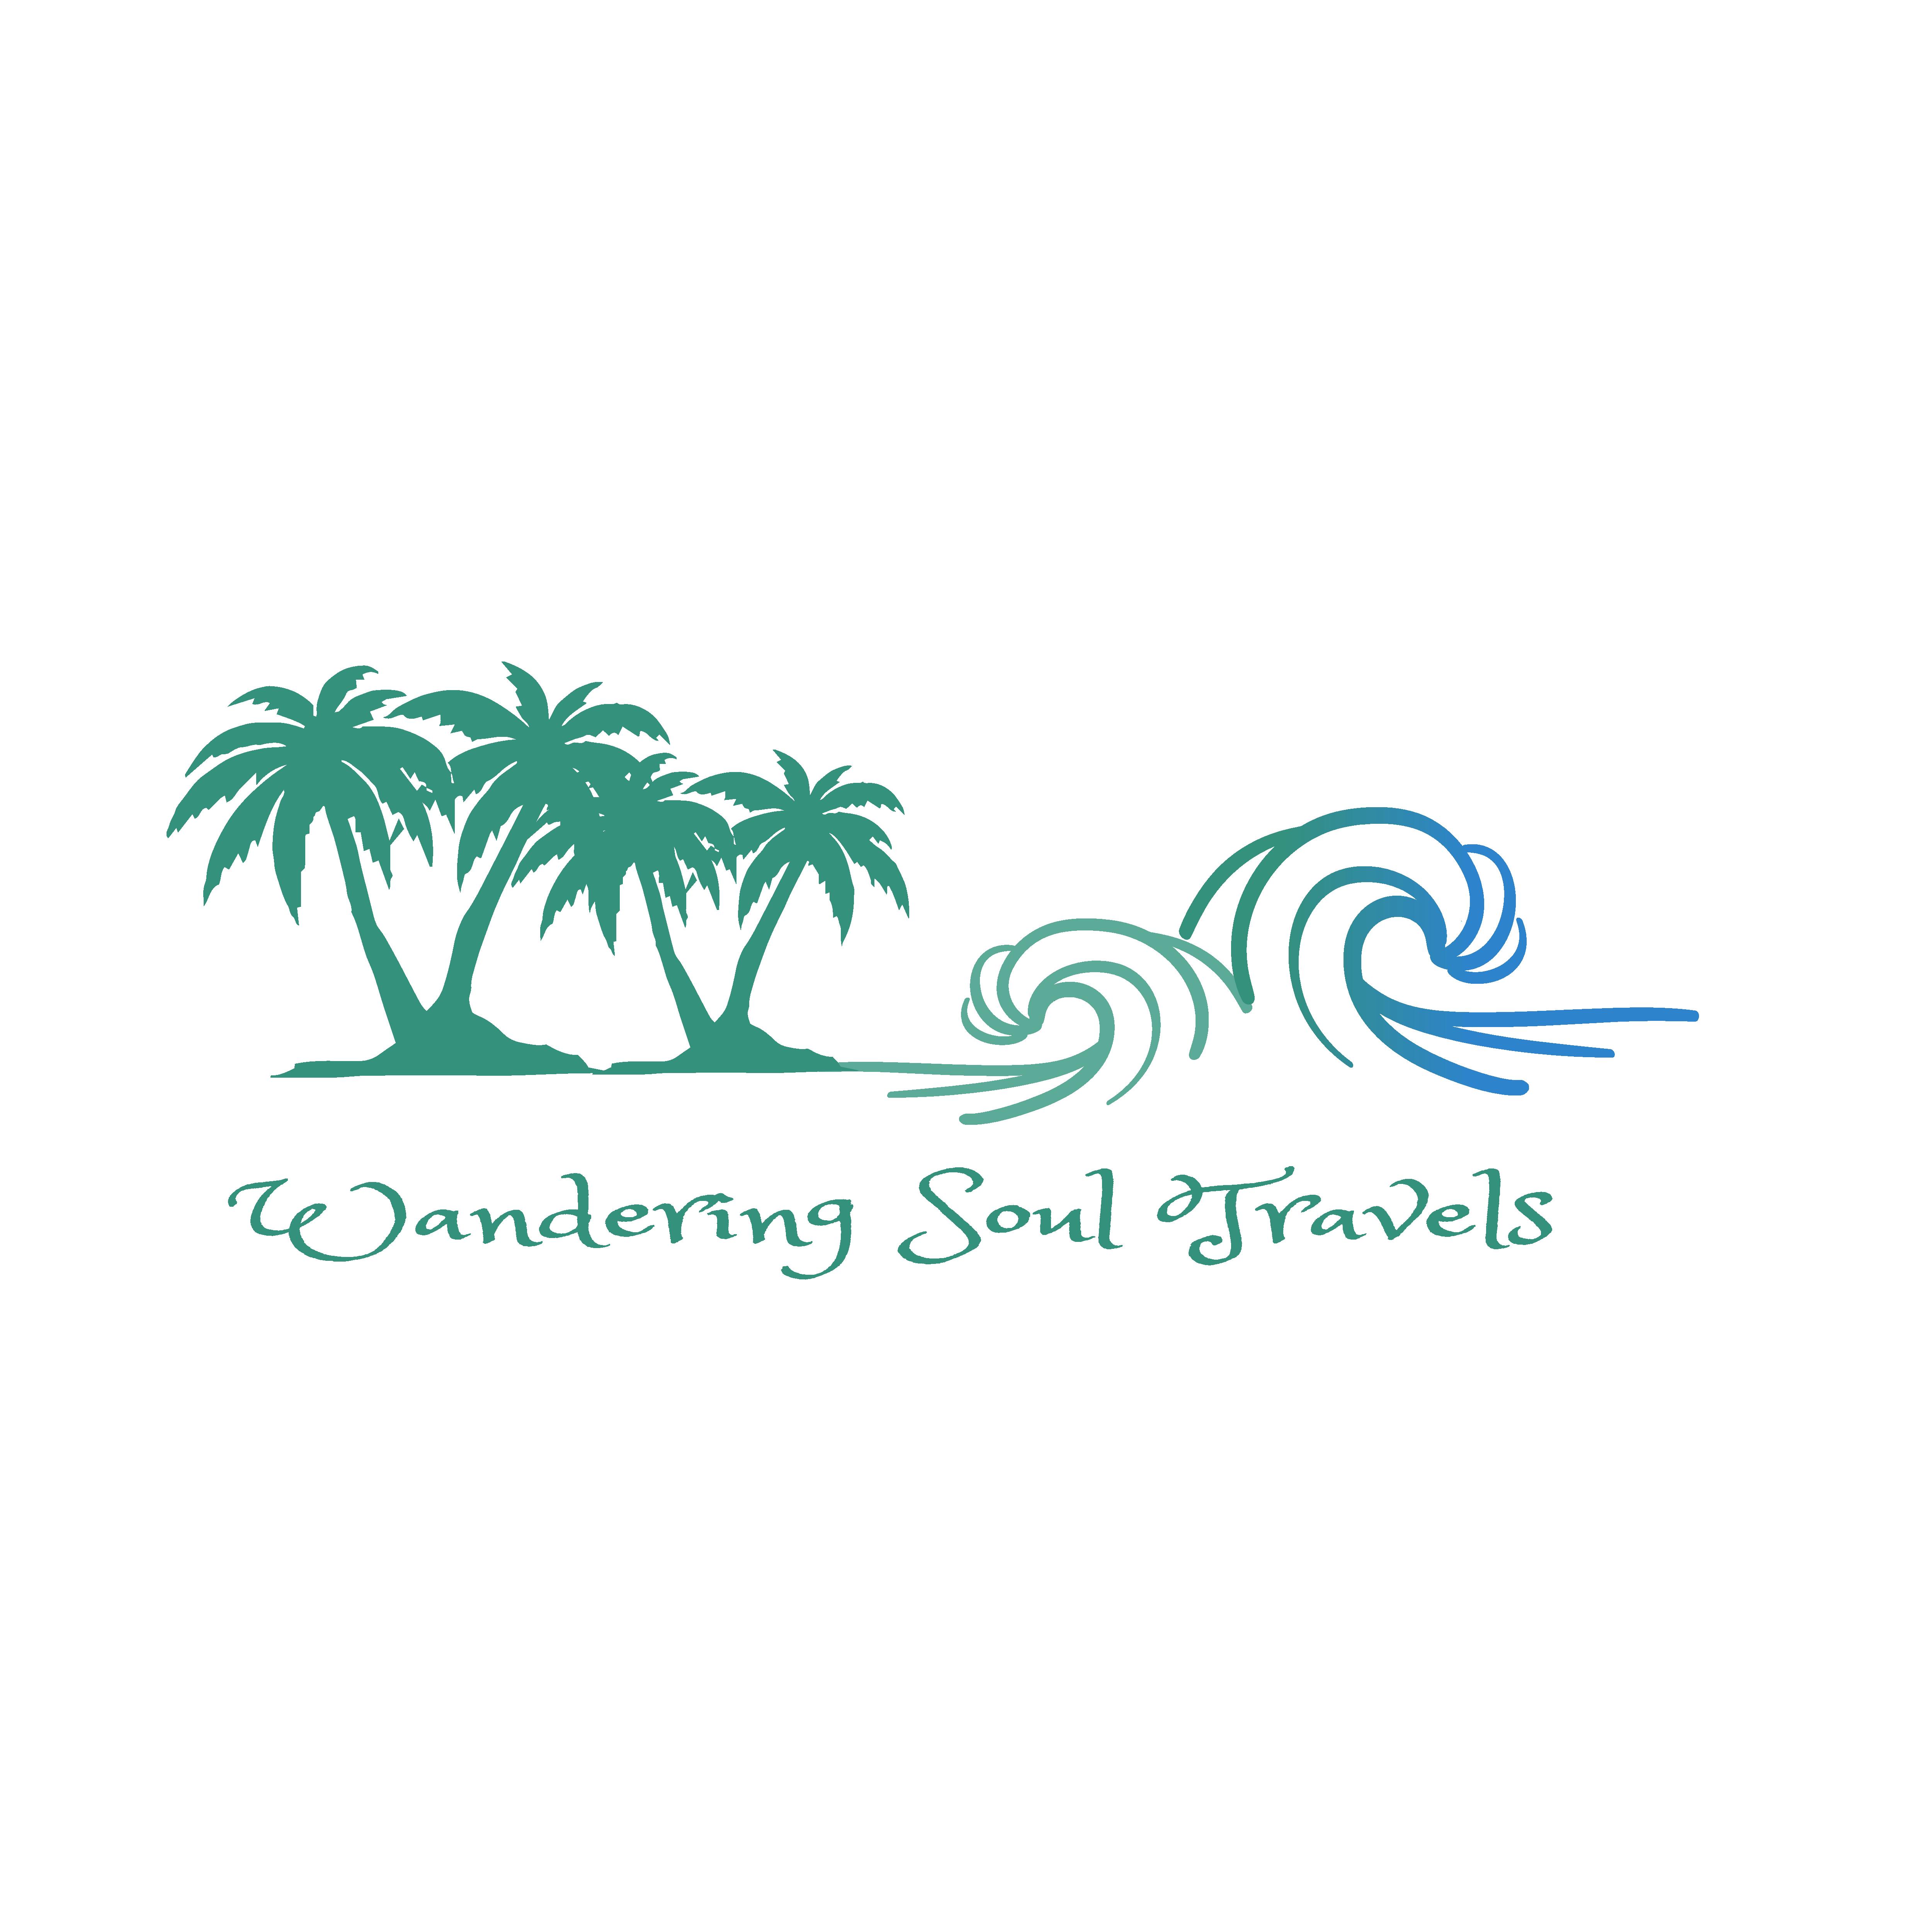 Wandering Soul Travel Agency